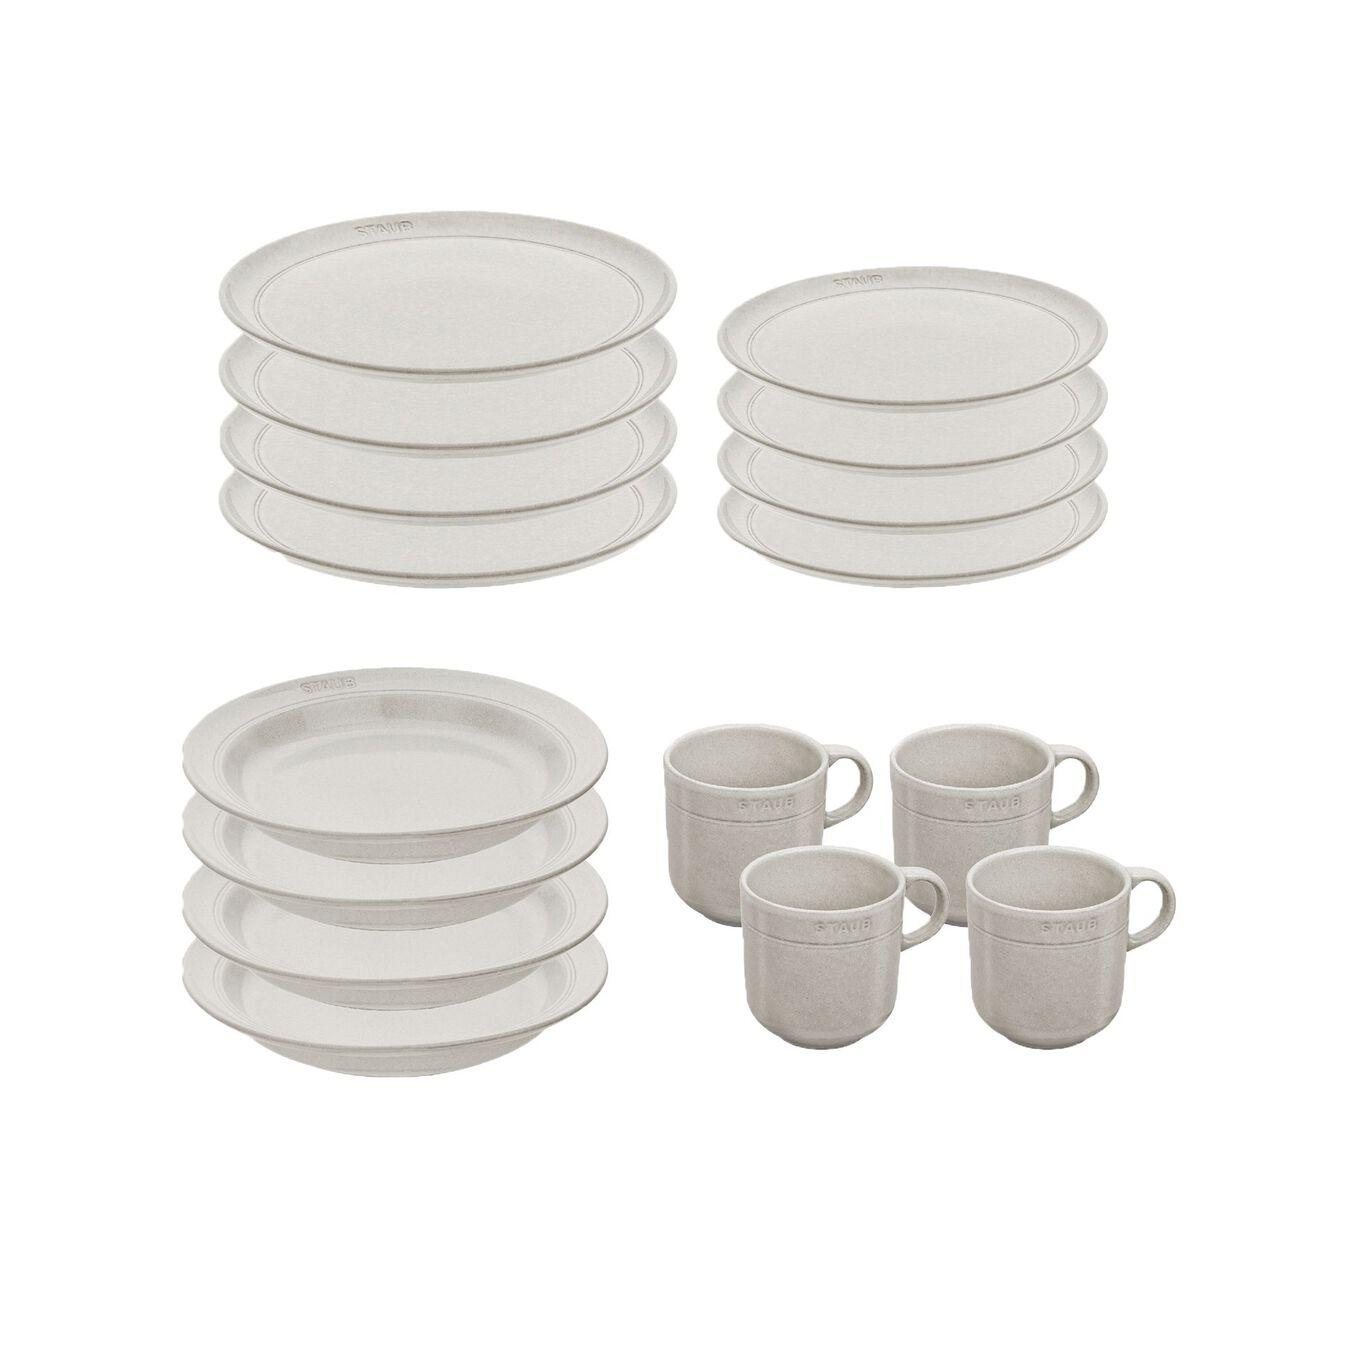 Set de service, 16-pcs | White Truffle | Ceramic | Ceramic,,large 1